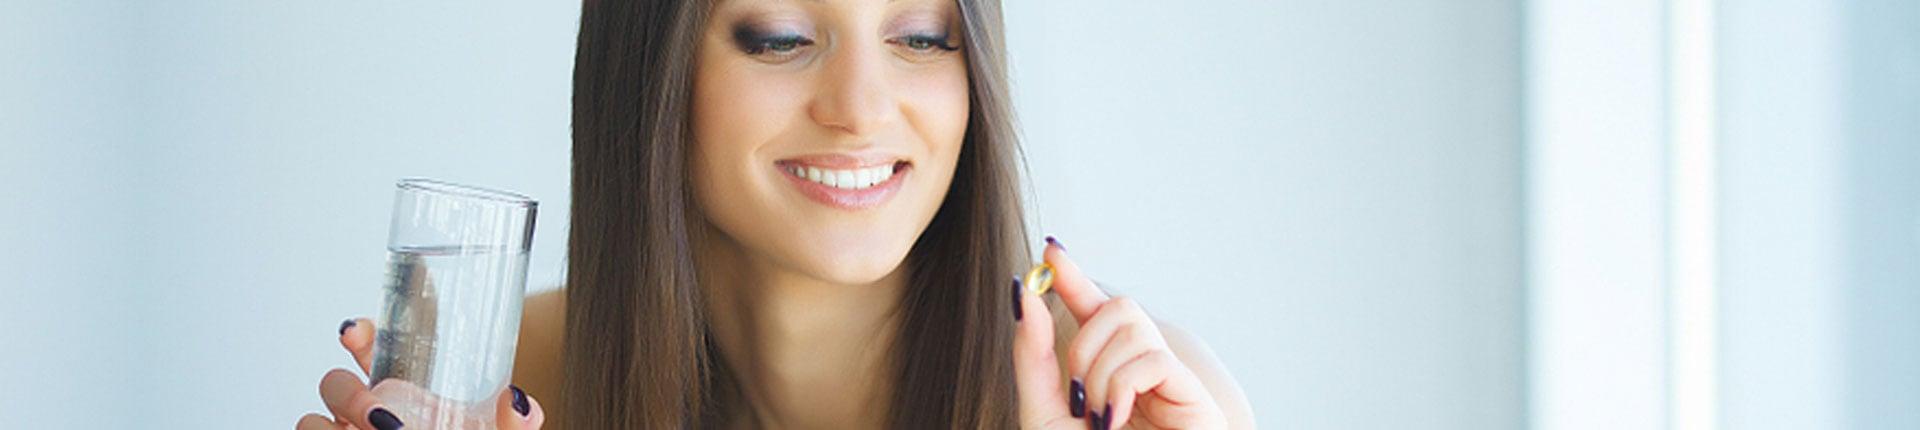 4 naturalne suplementy, które mogą być tak skuteczne jak leki